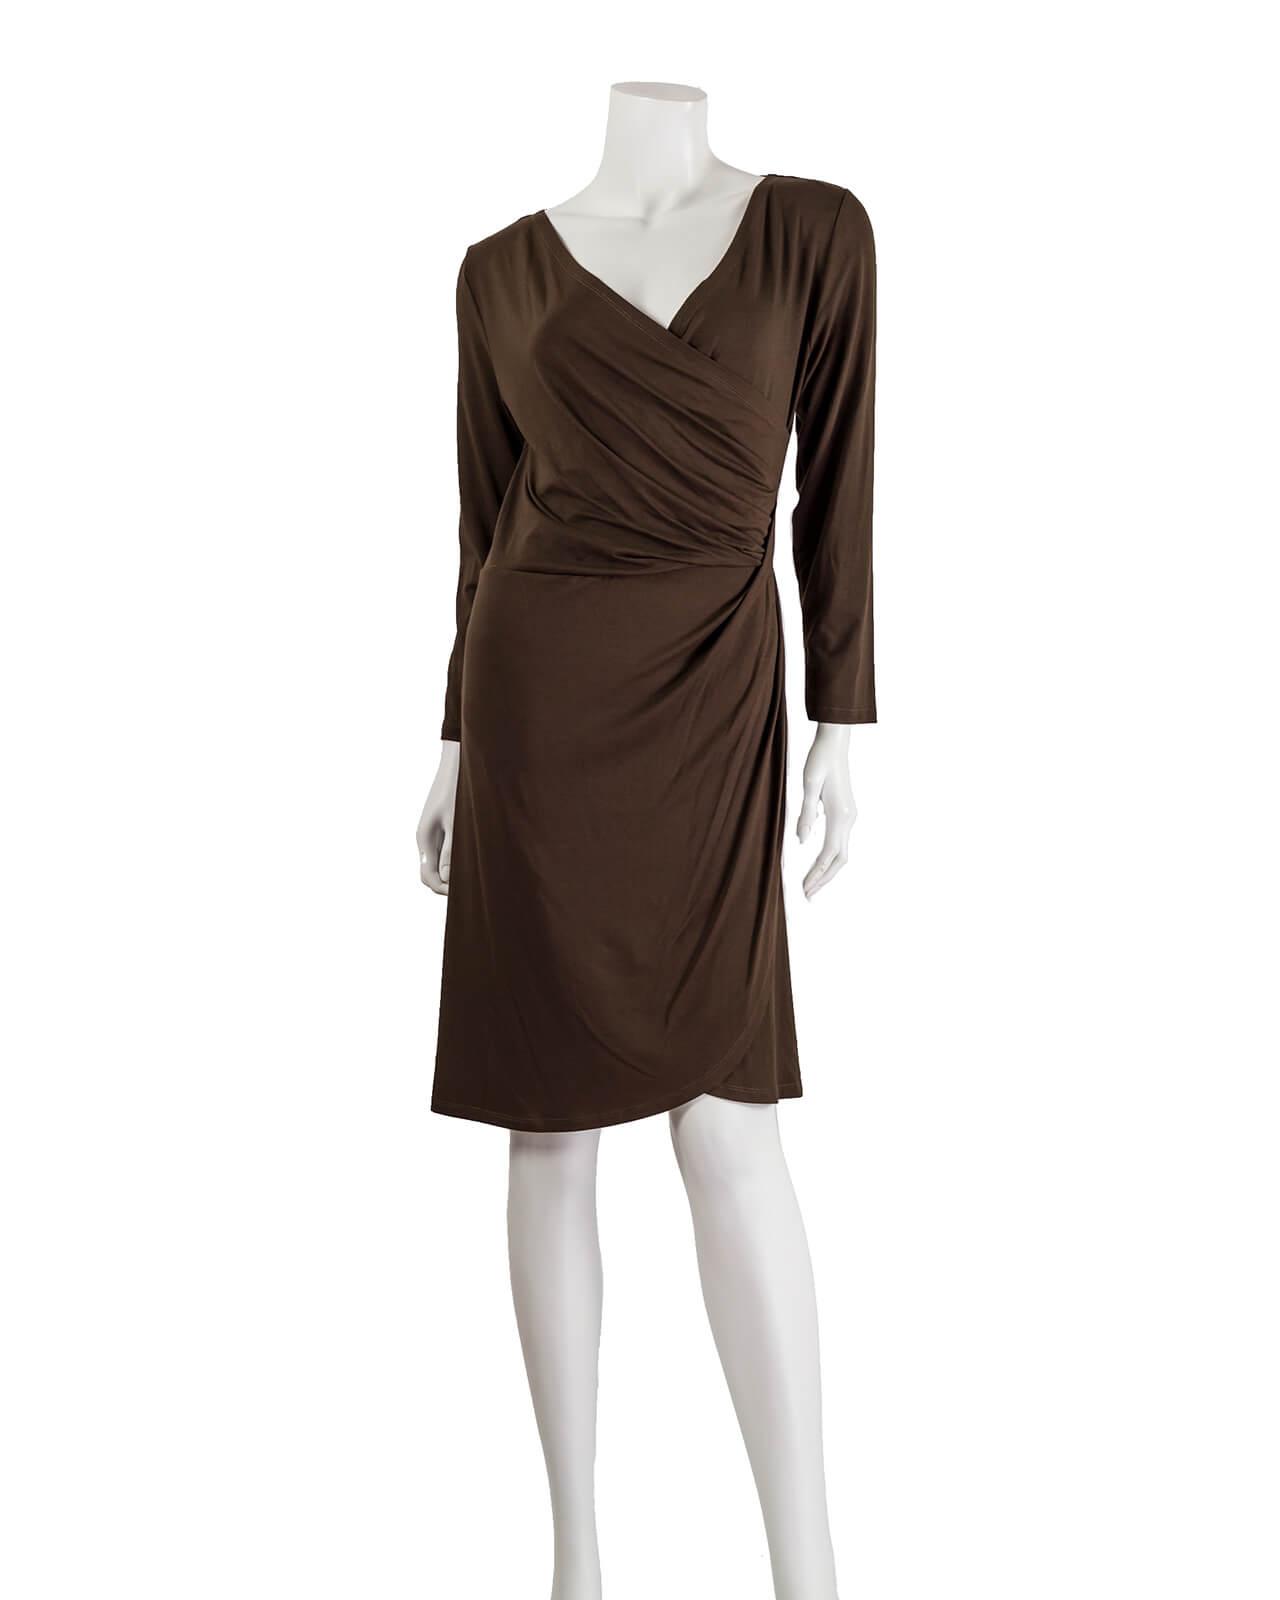 Jerseykleid, braun | RESTART